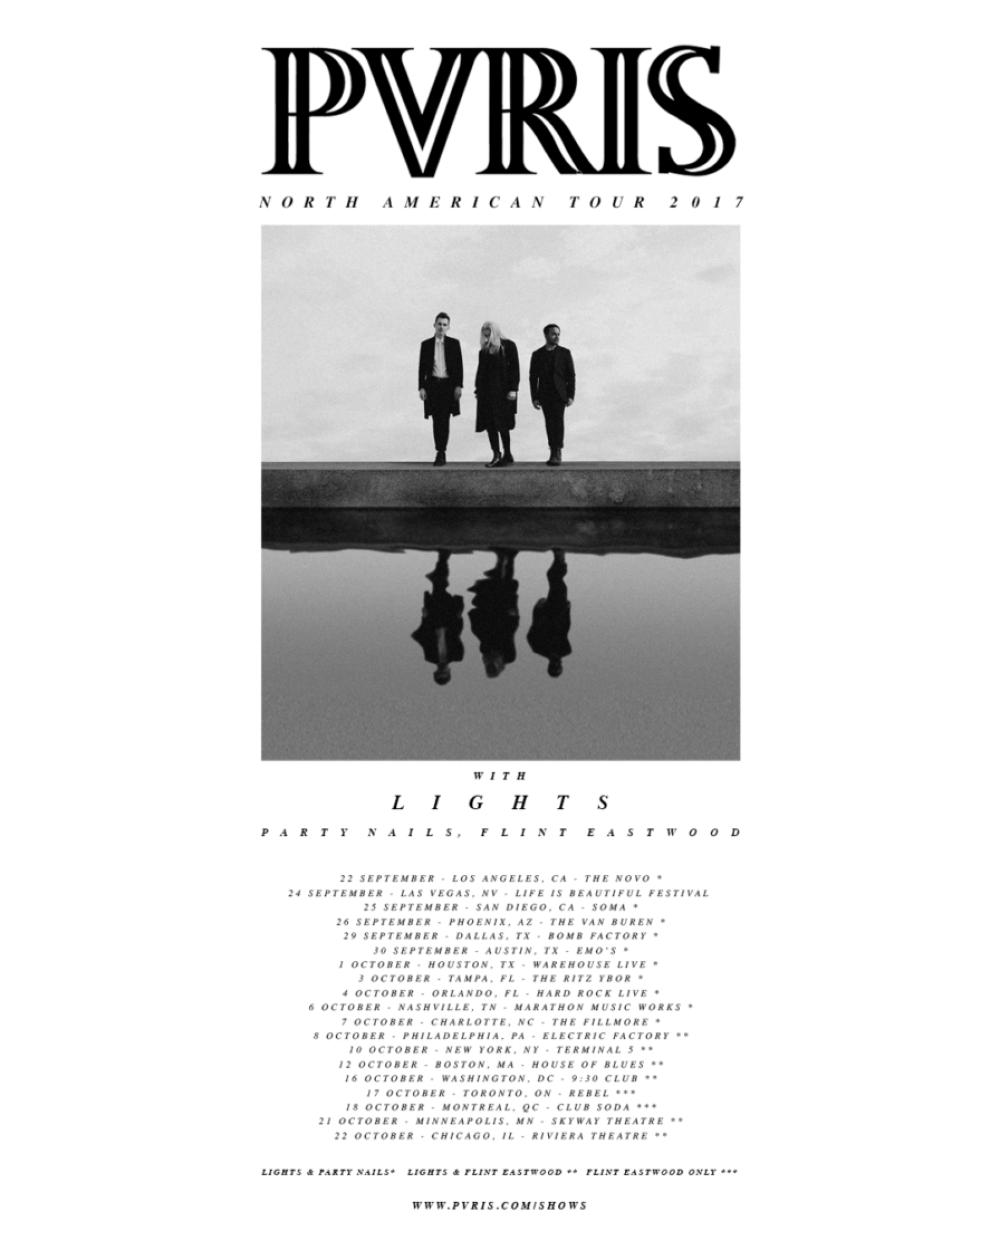 pvris tour 2017 poster